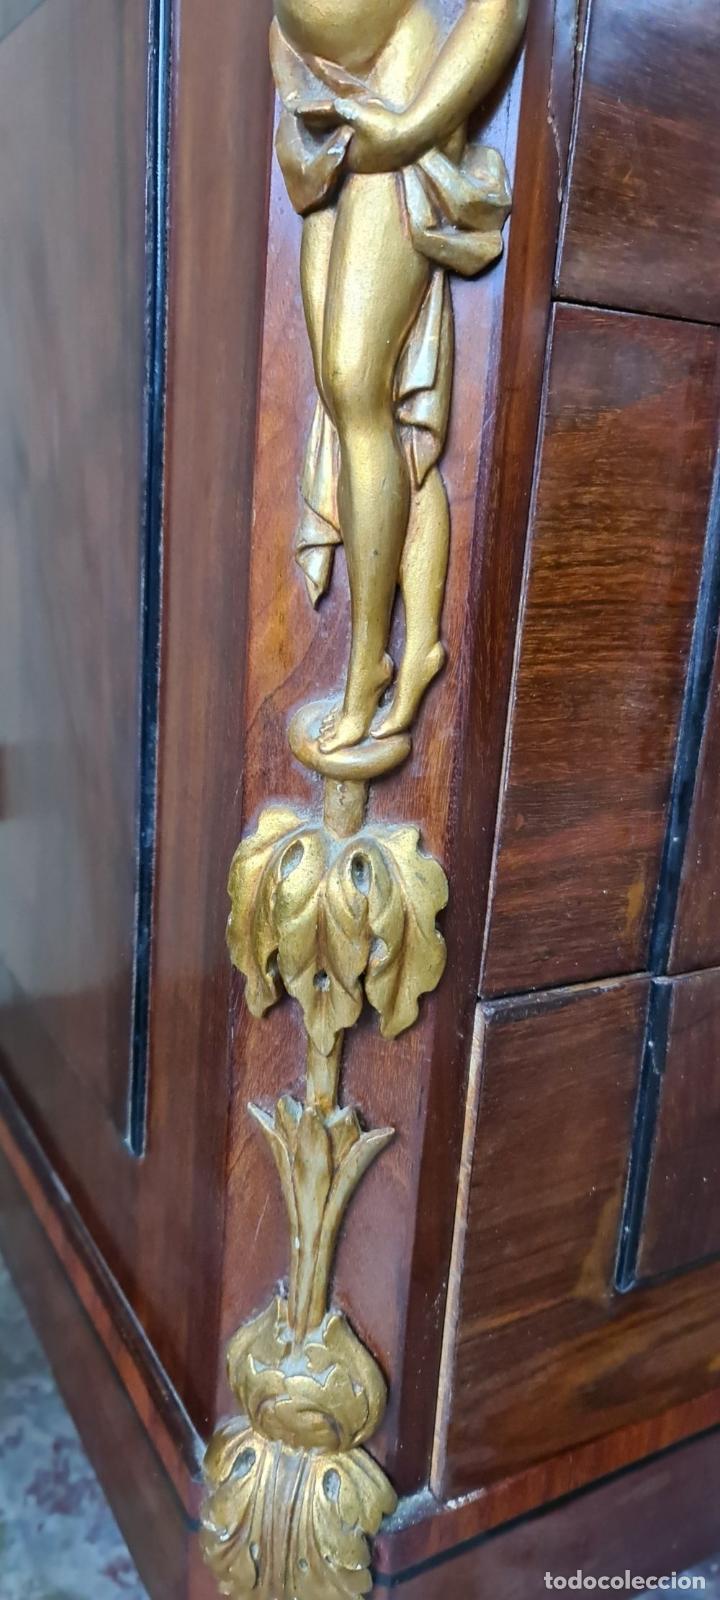 Antigüedades: COMODA TOCADOR. MADERA DE CAOBA Y DORADOS. ESTILO DIRECTORIO. SOBRE DE MÁRMOL. SIGLO XVIII-XIX. - Foto 12 - 238726050